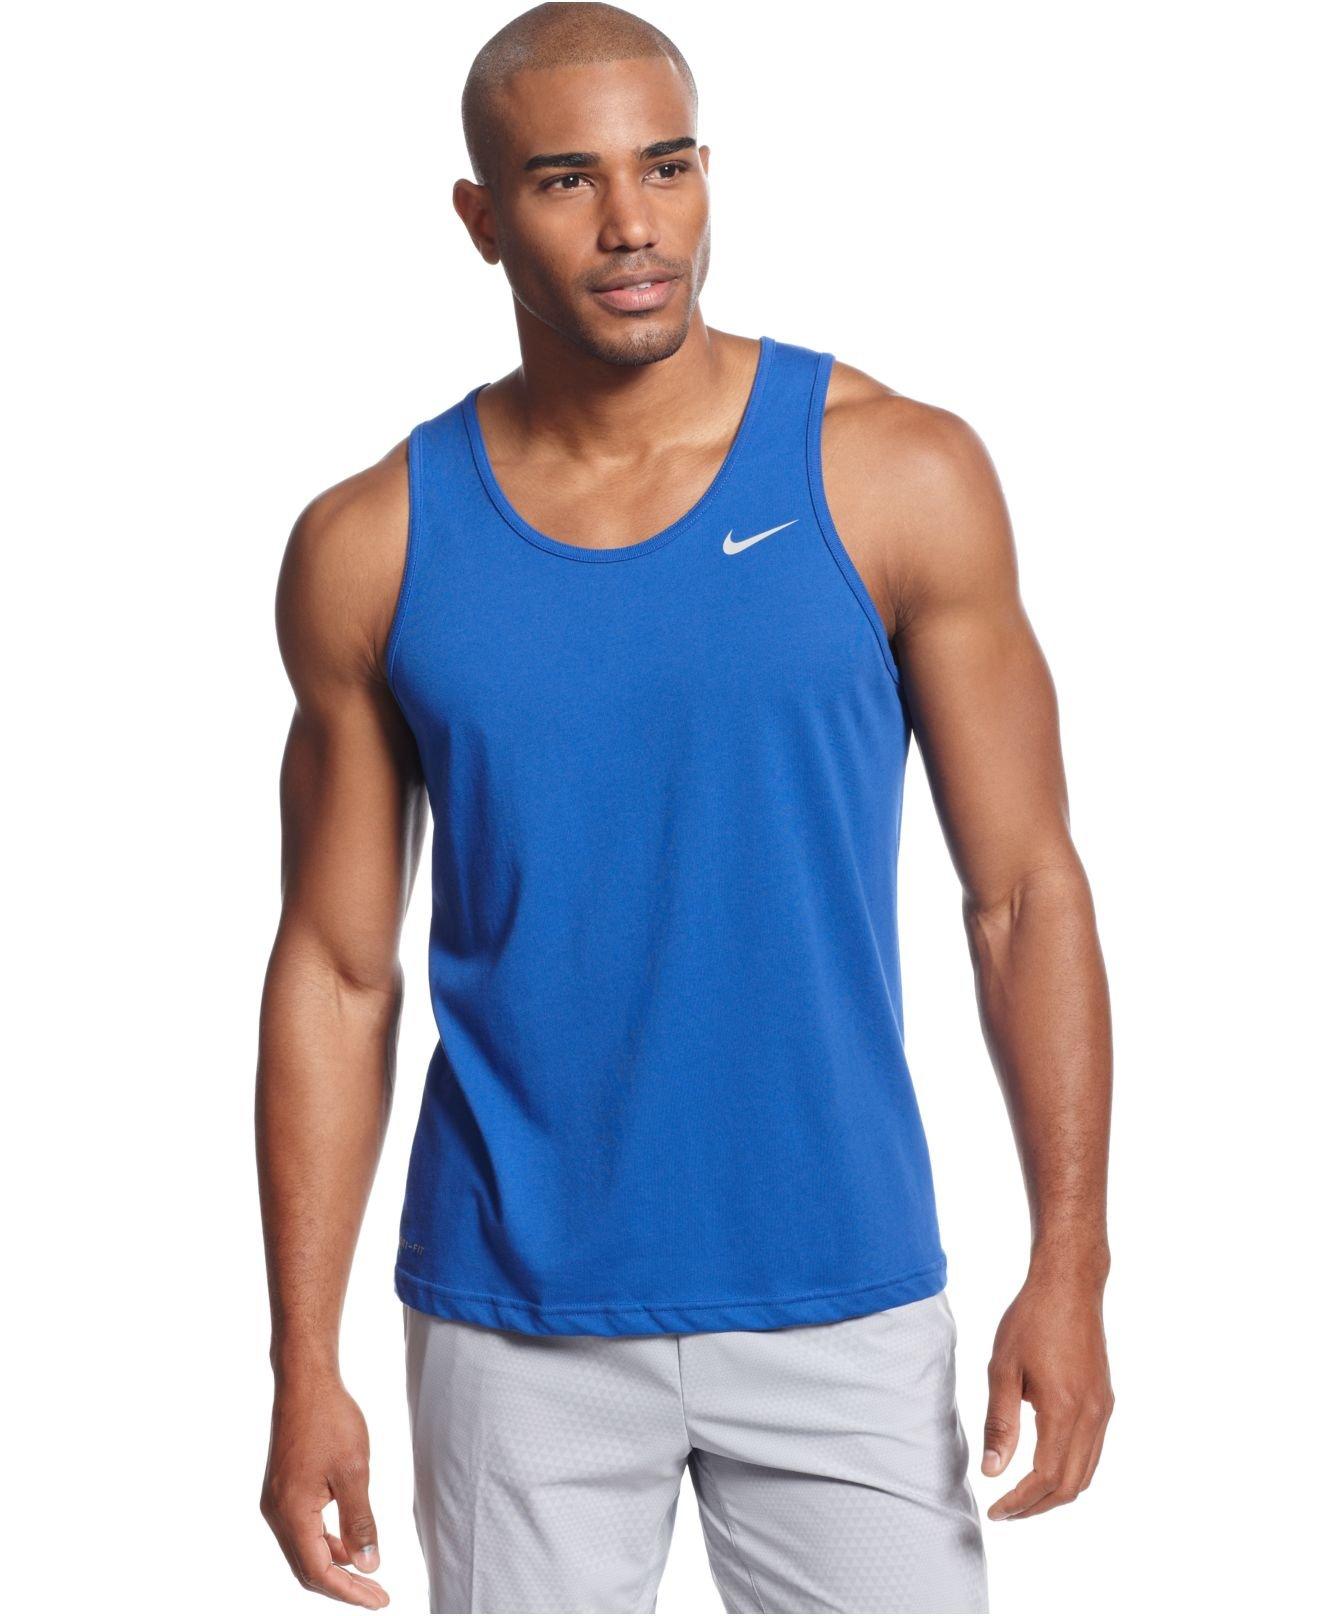 e8e6175c3054e Nike T Shirt Pro Combat Dri Fit Fitted Sleeveless Tee ...